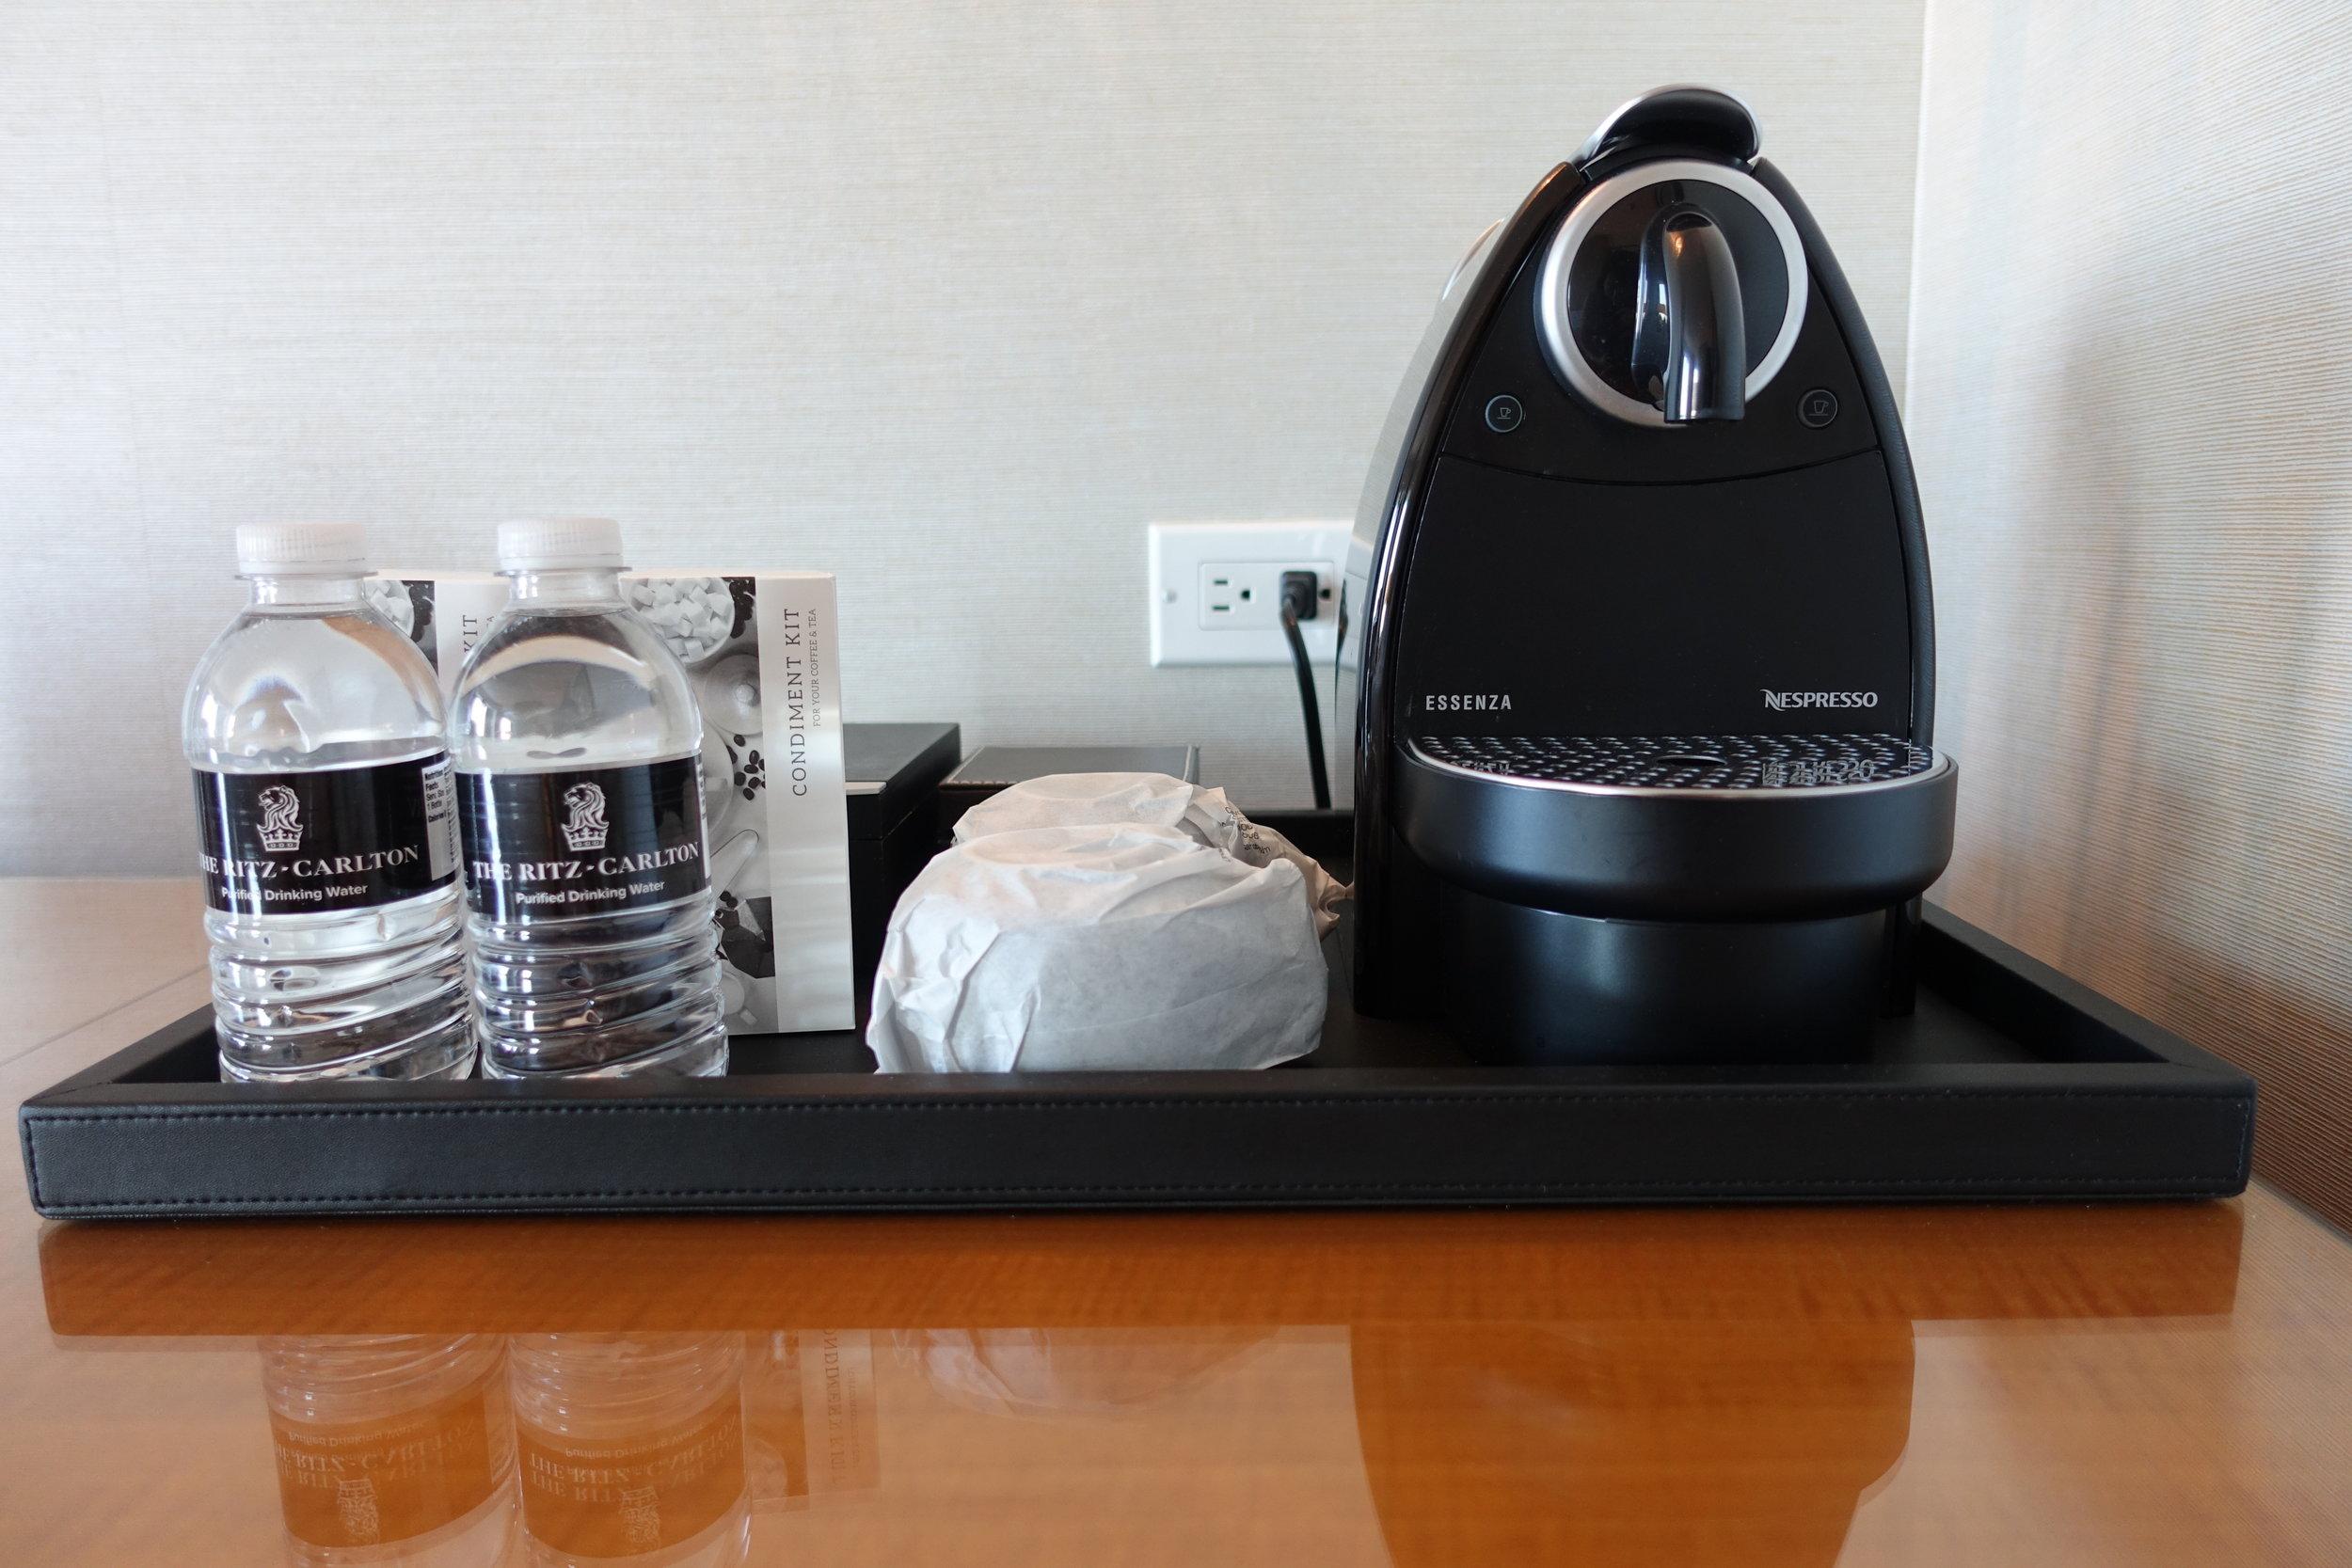 Nspresso coffee maker